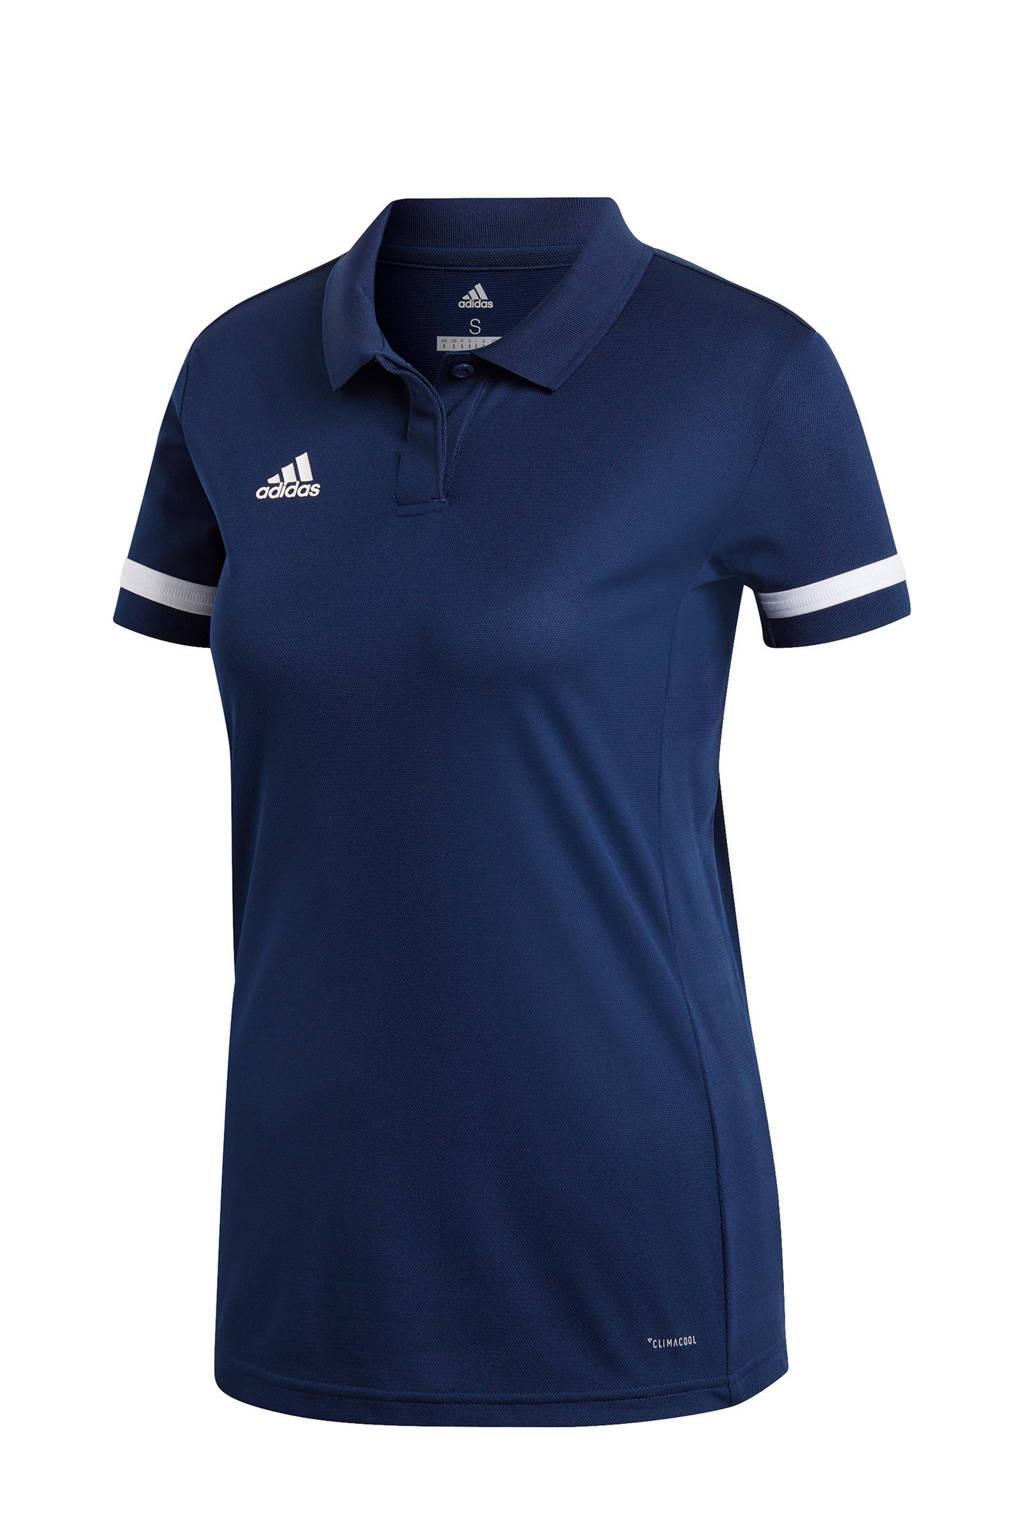 adidas performance Team19 sportpolo blauw, Blauw/wit